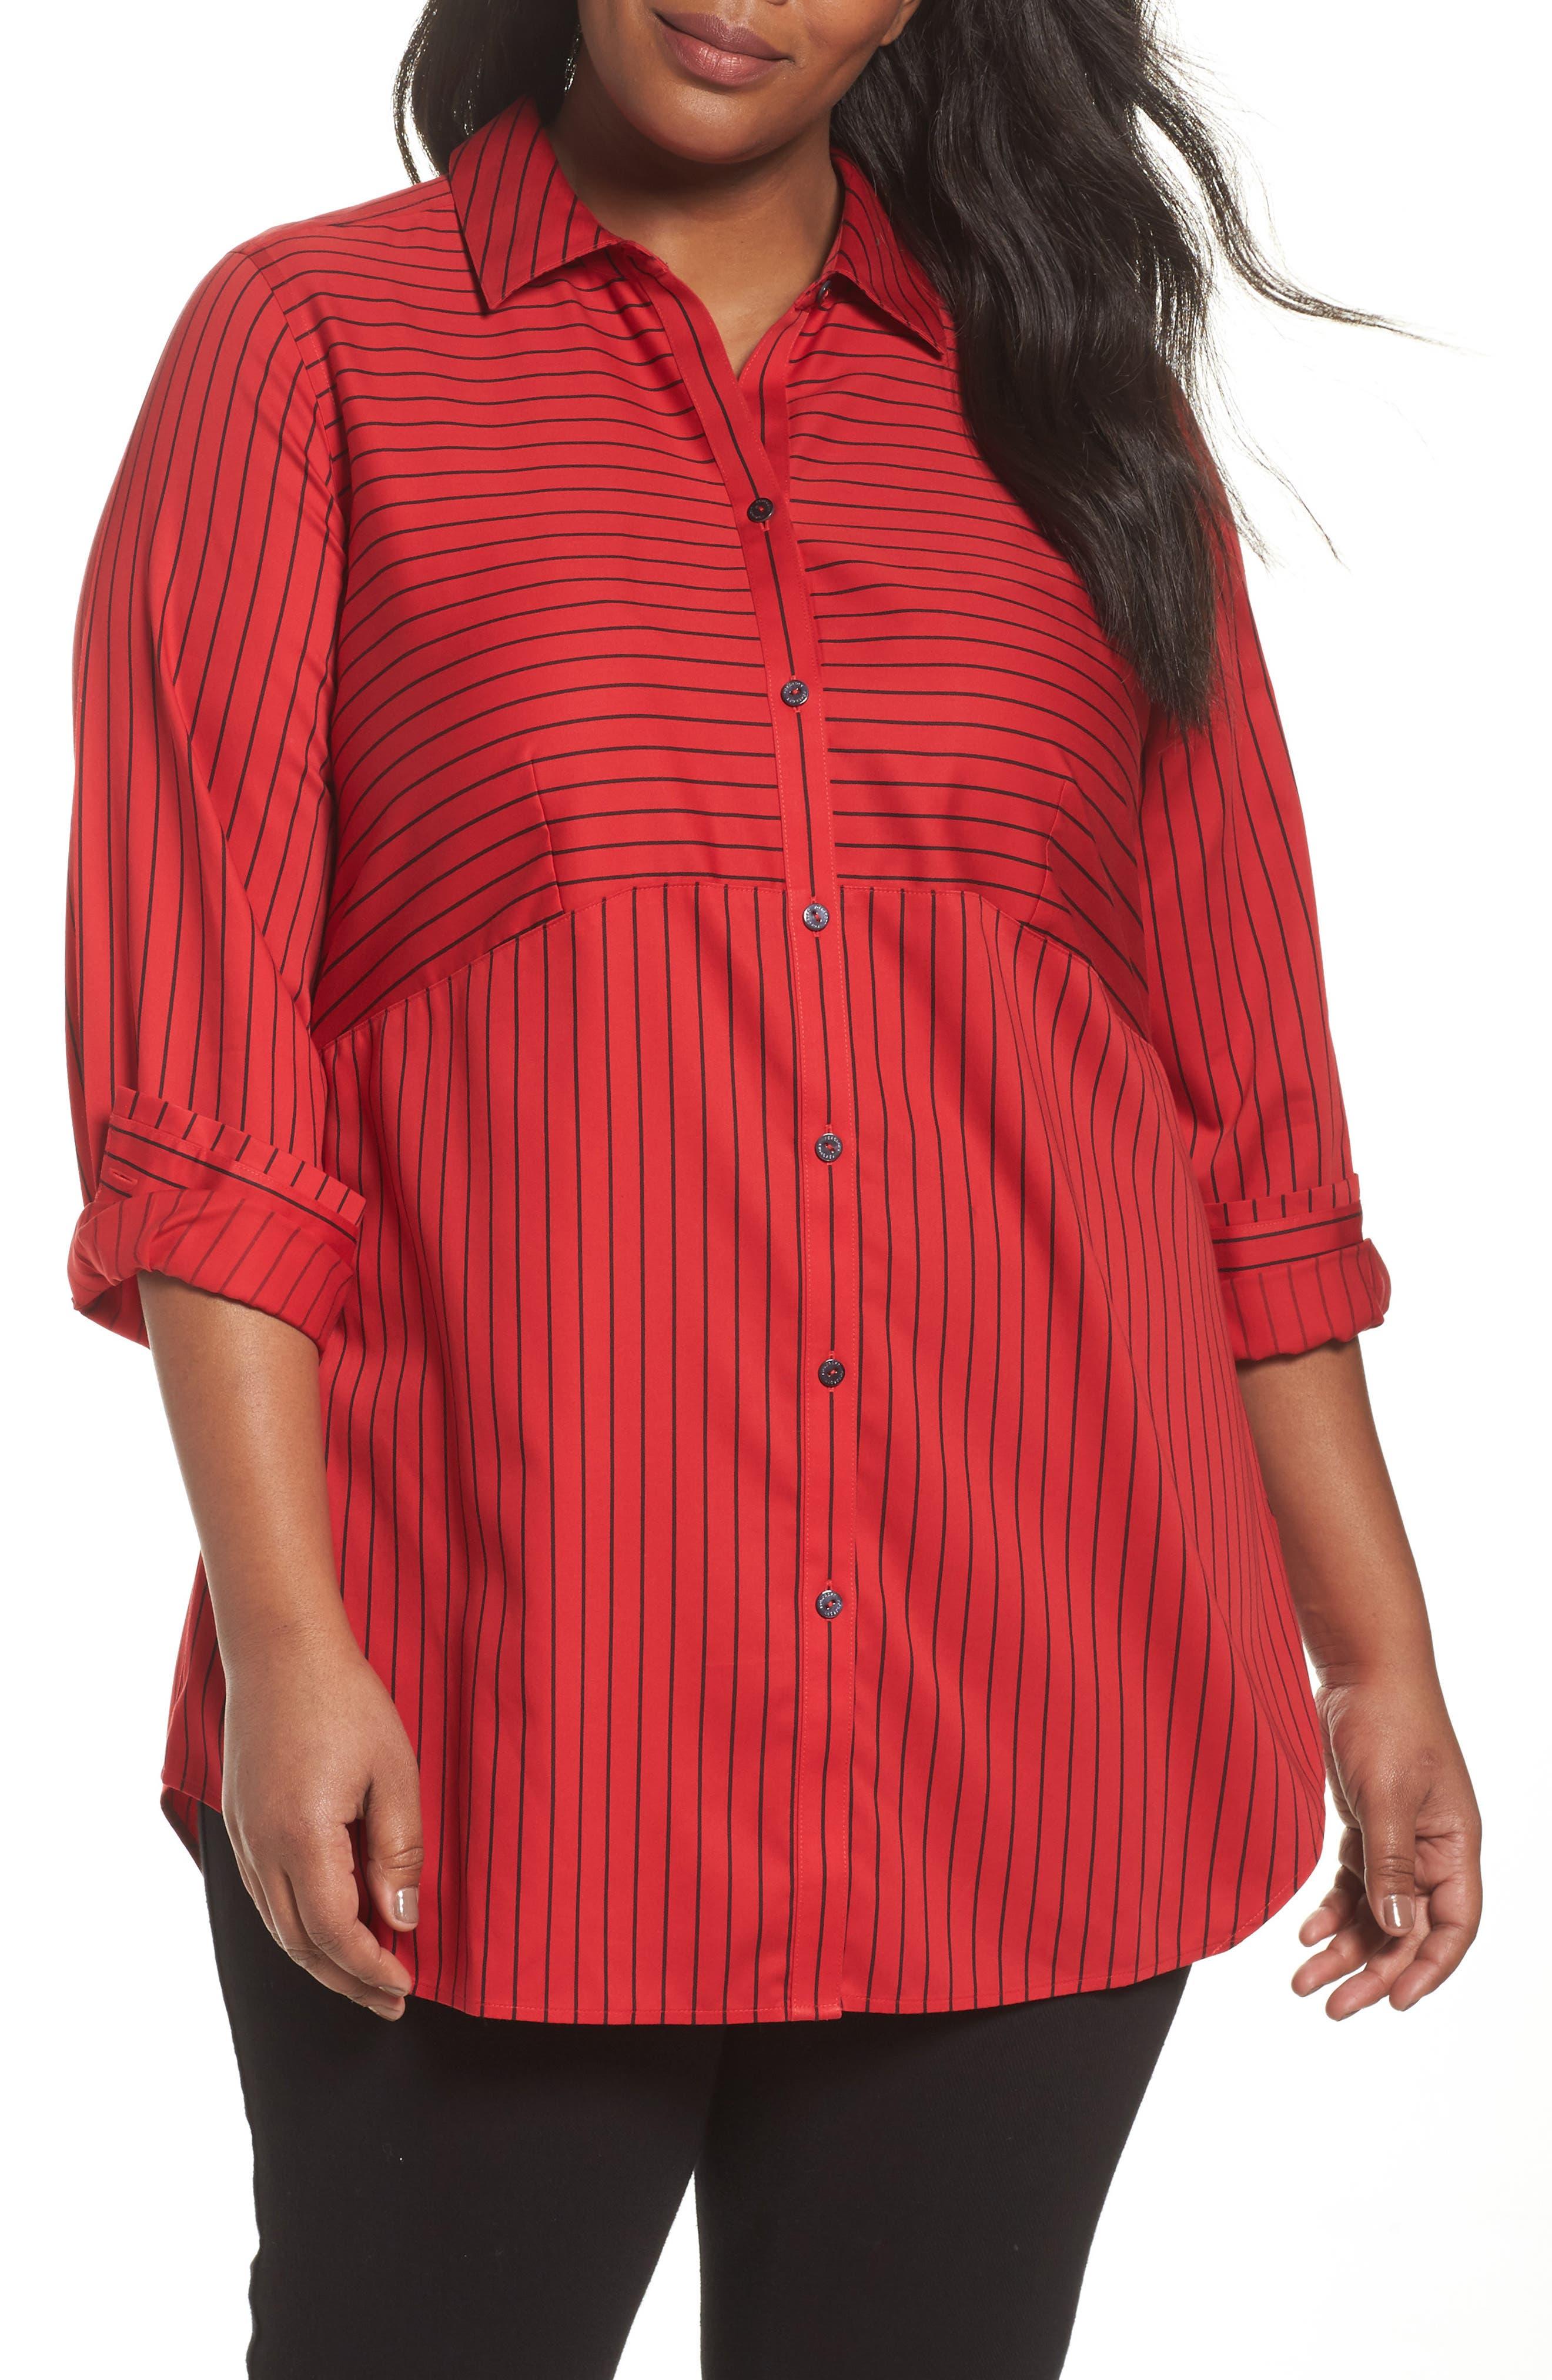 Alternate Image 1 Selected - Foxcroft Gina Holiday Stripe Shirt (Plus Size)